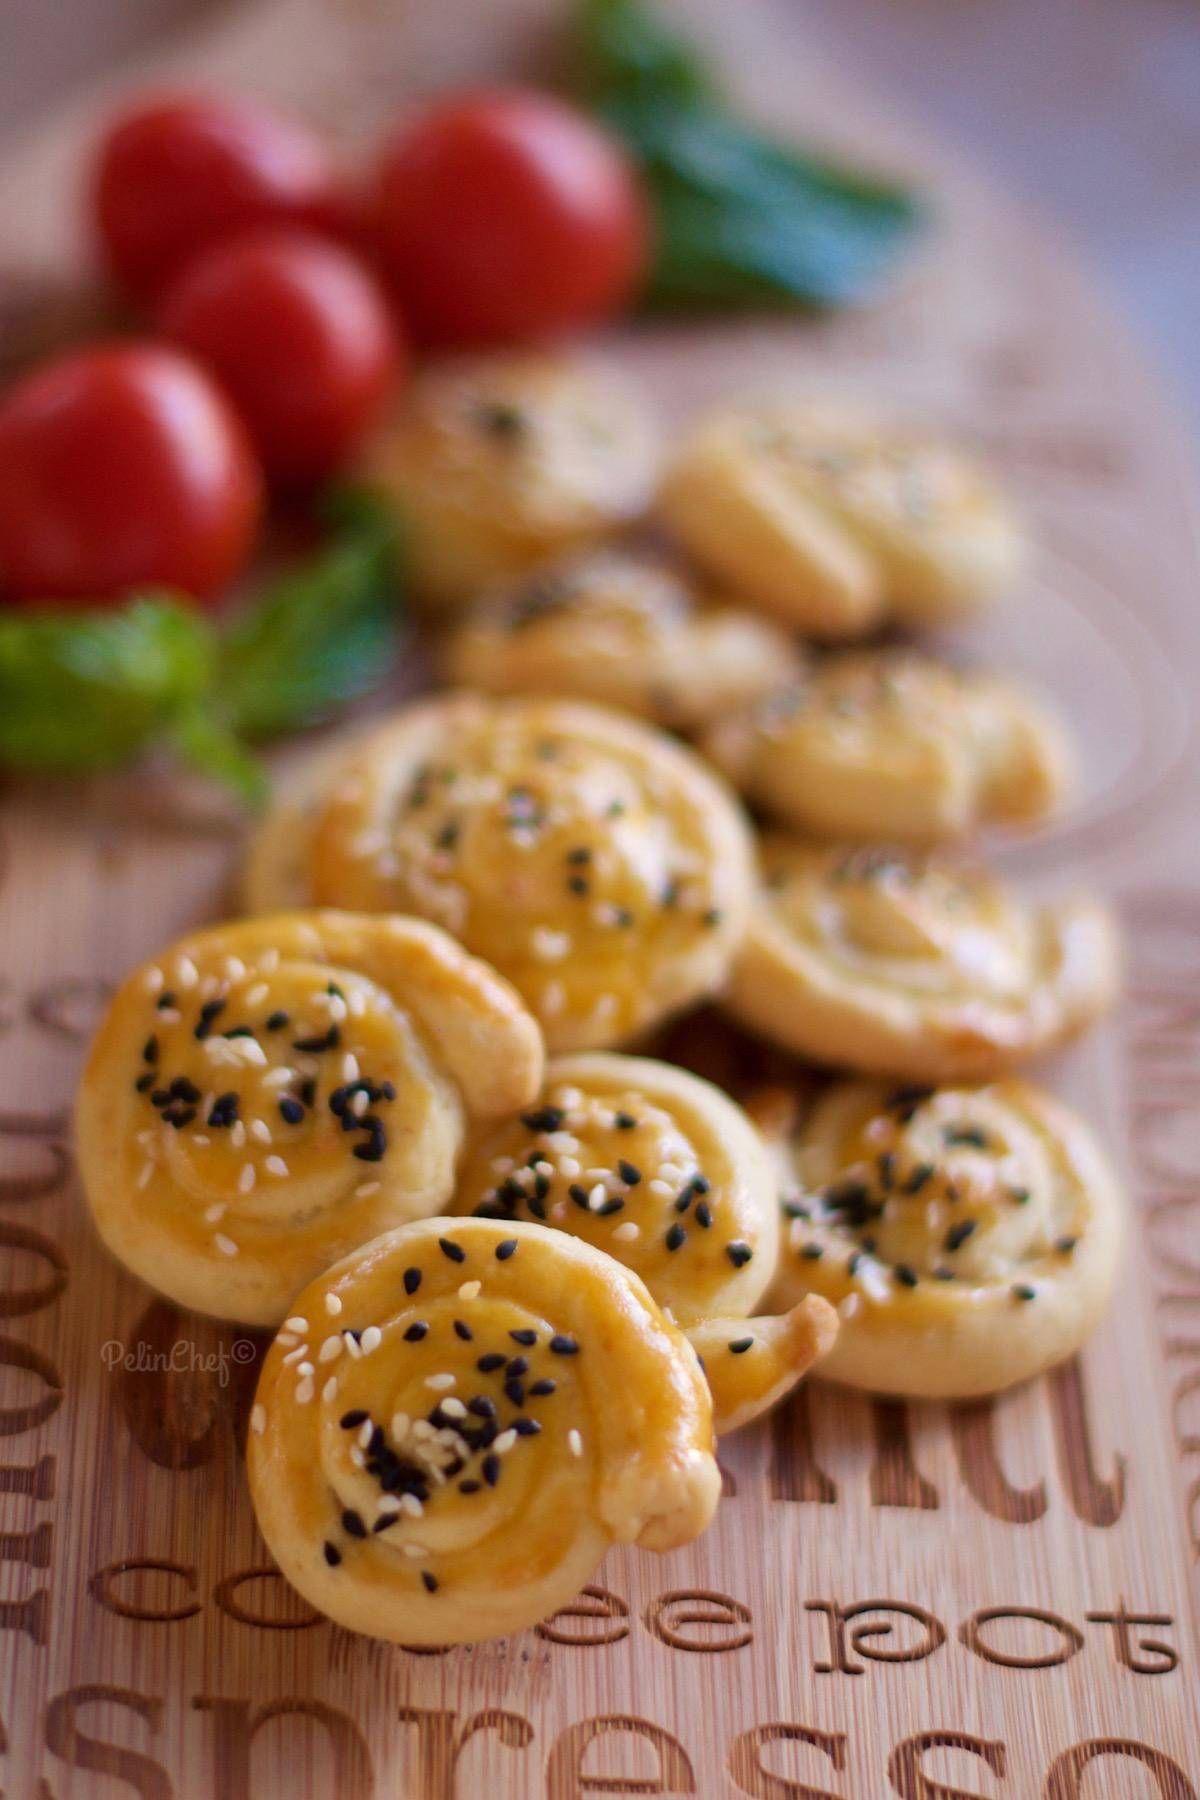 Tuzlu hamur dilimi: benzer bir ürün nasıl yapılır